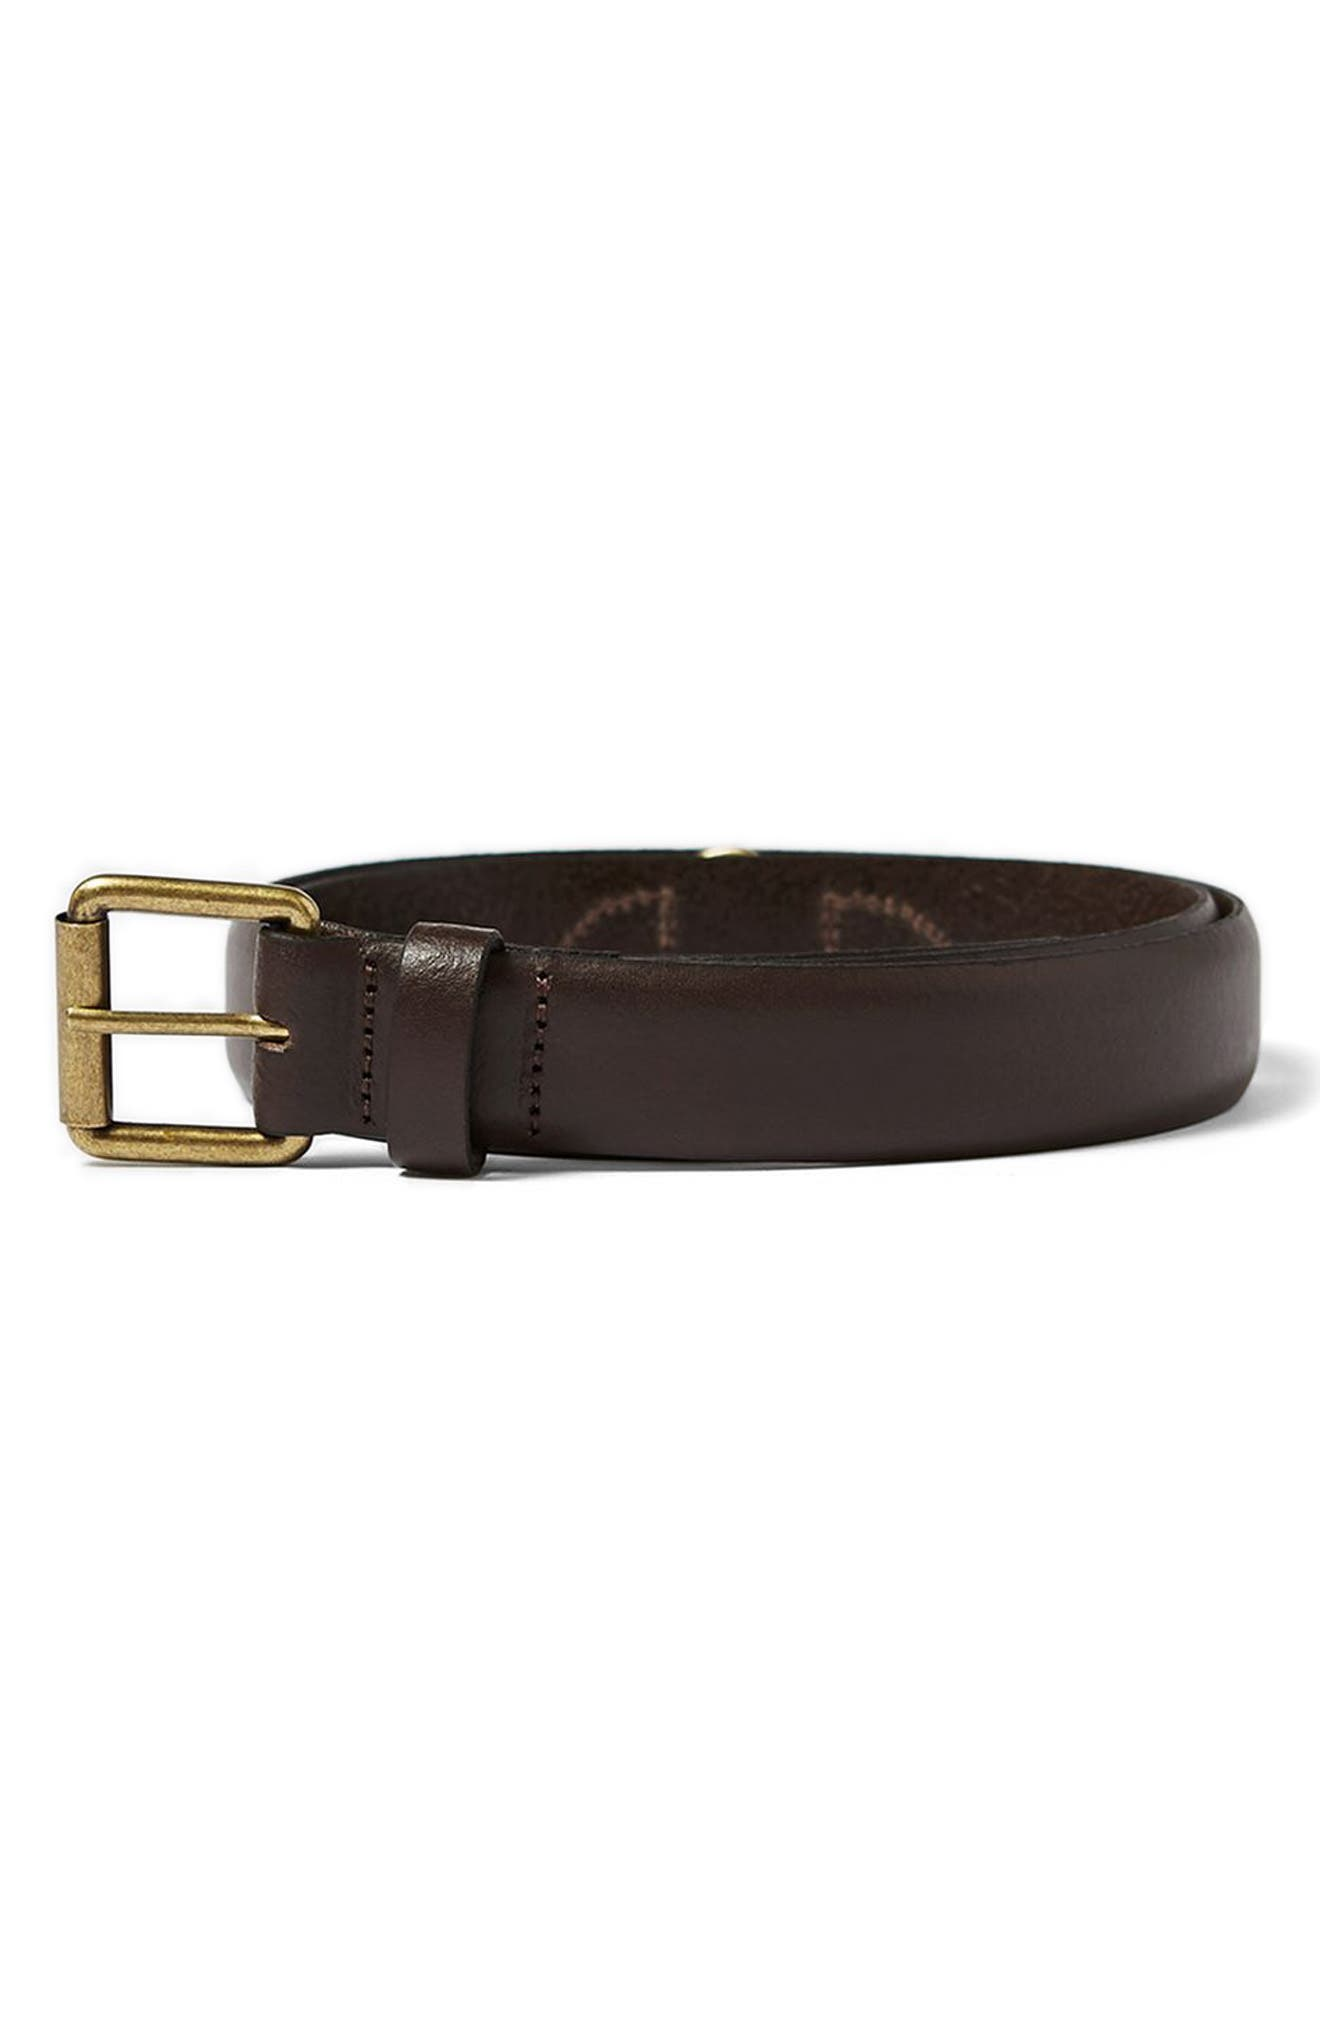 Topman Leather Belt